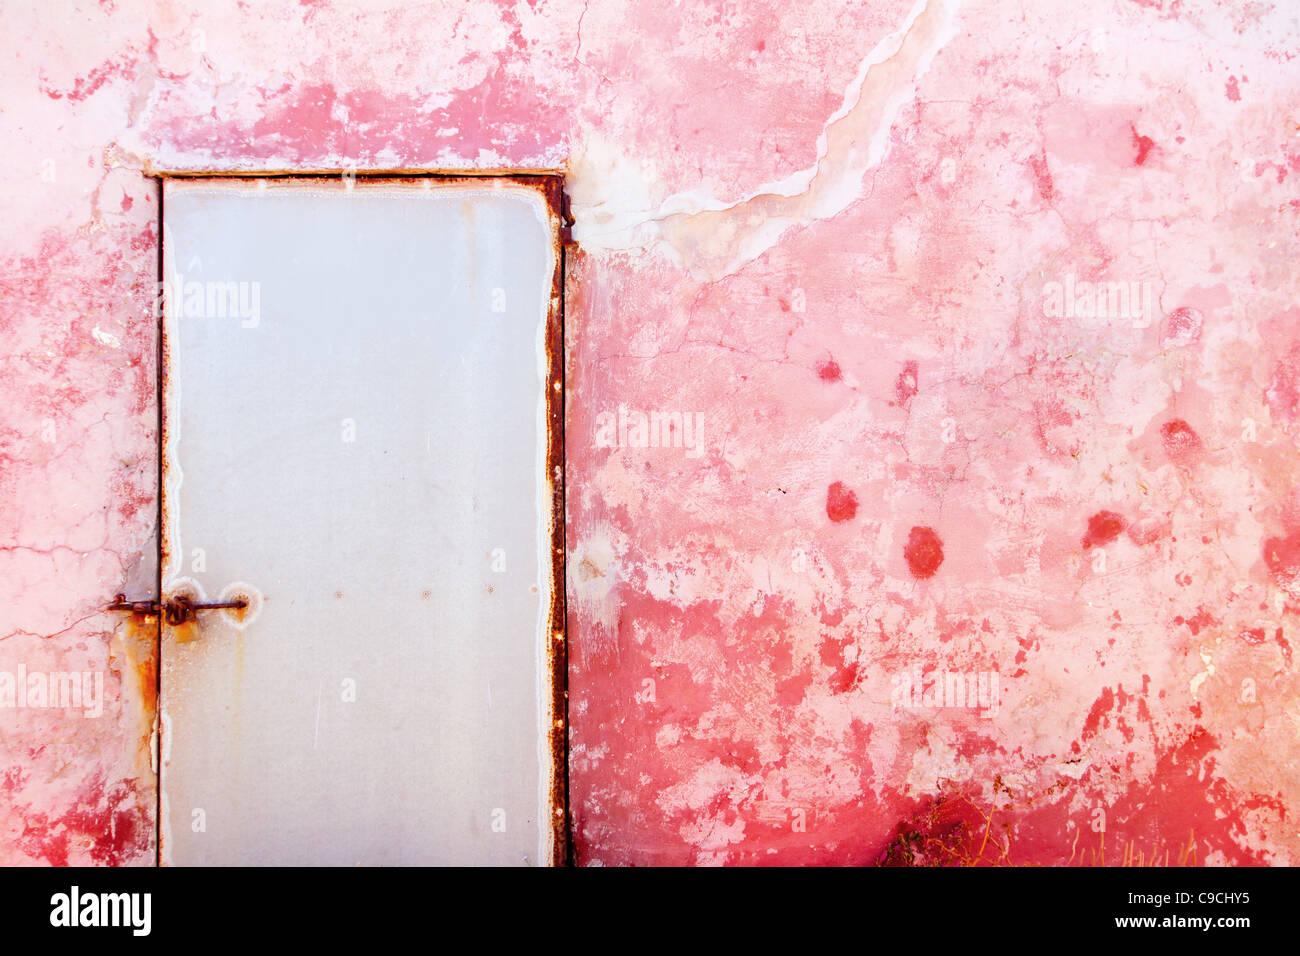 Rosa mediterrane Grunge Tür und Wand mit verwitterten Textur Stockbild